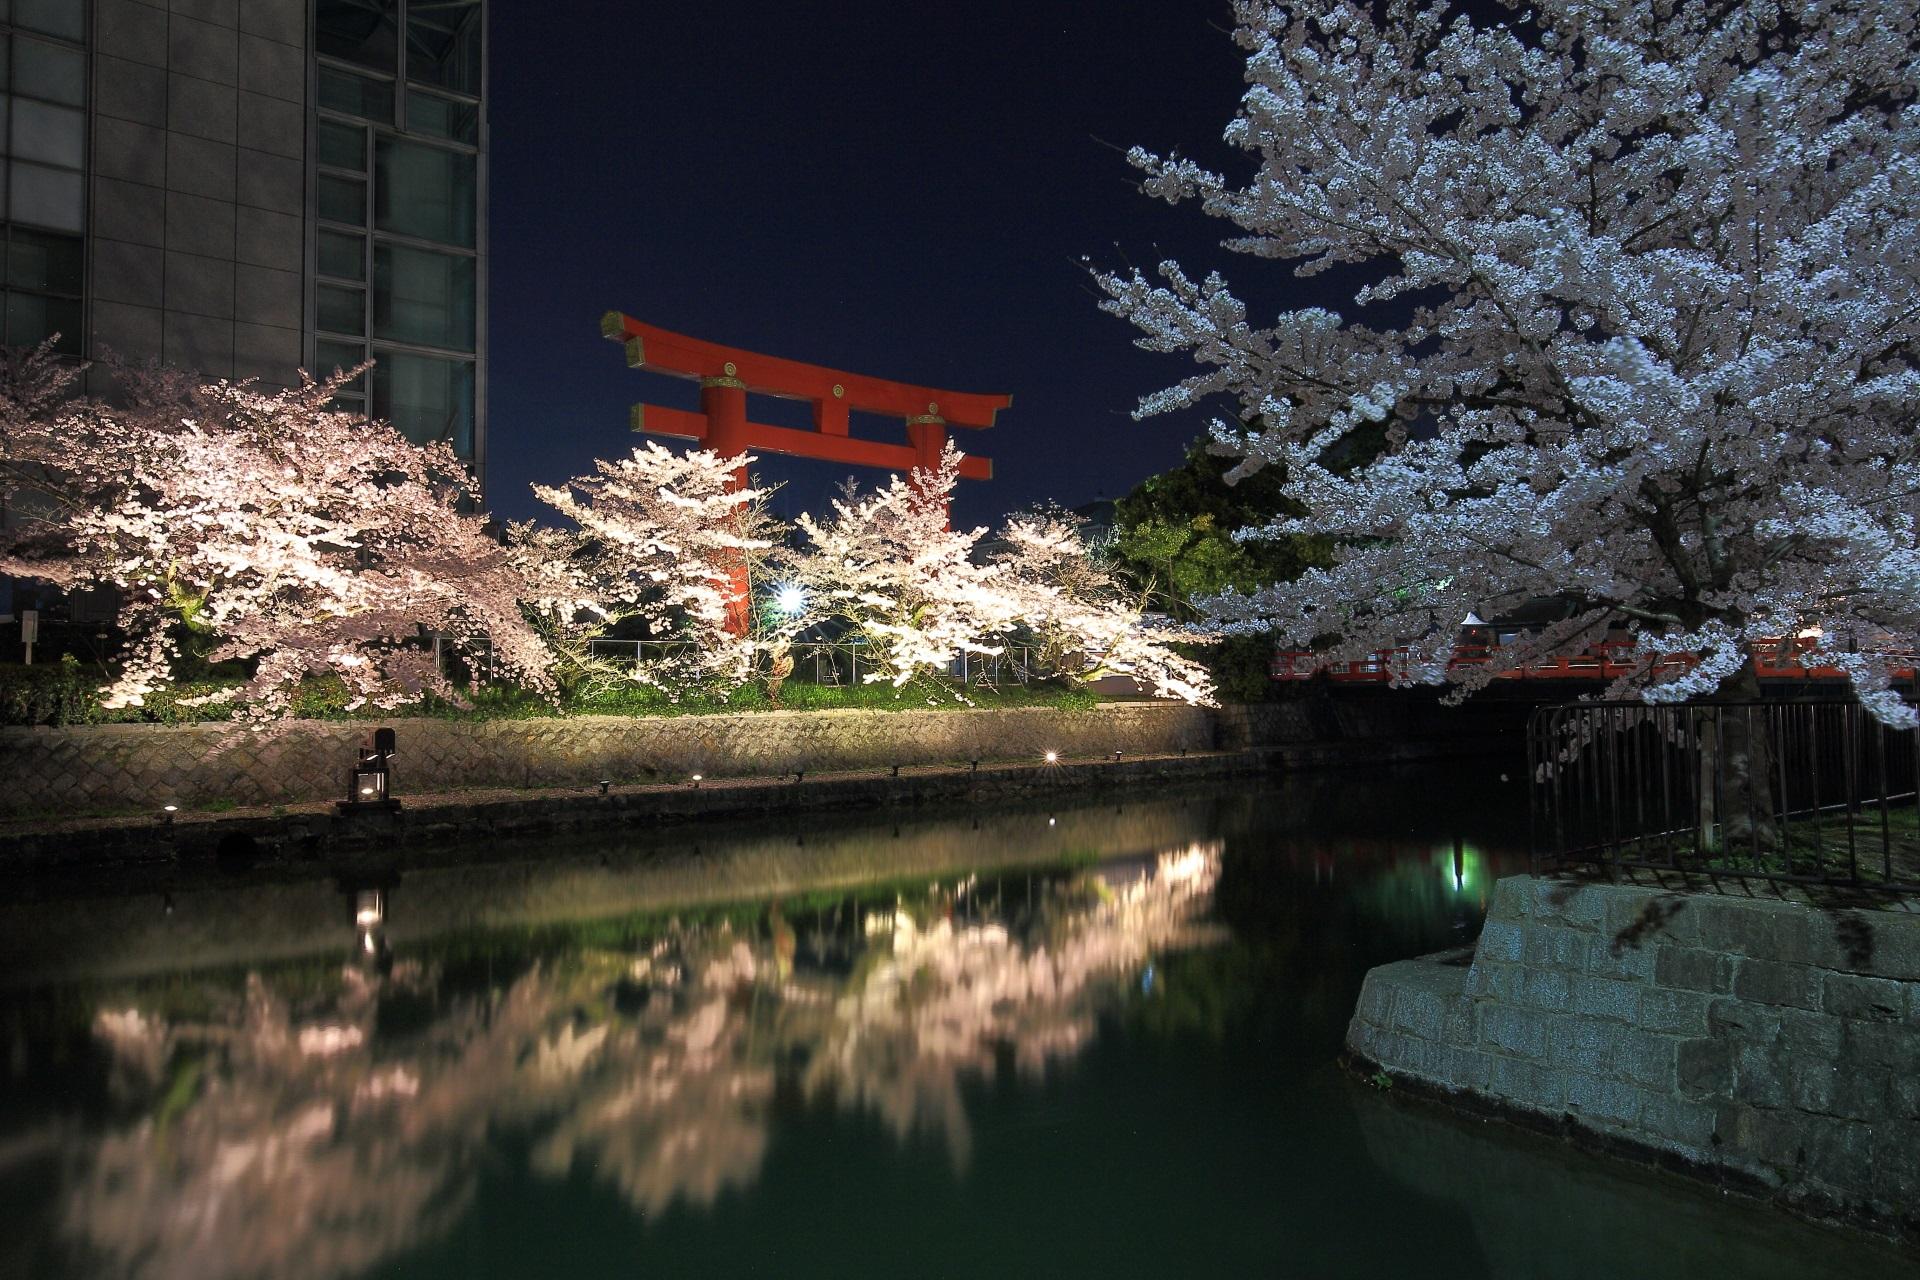 岡崎疏水と平安神宮大鳥居の絵になる夜桜